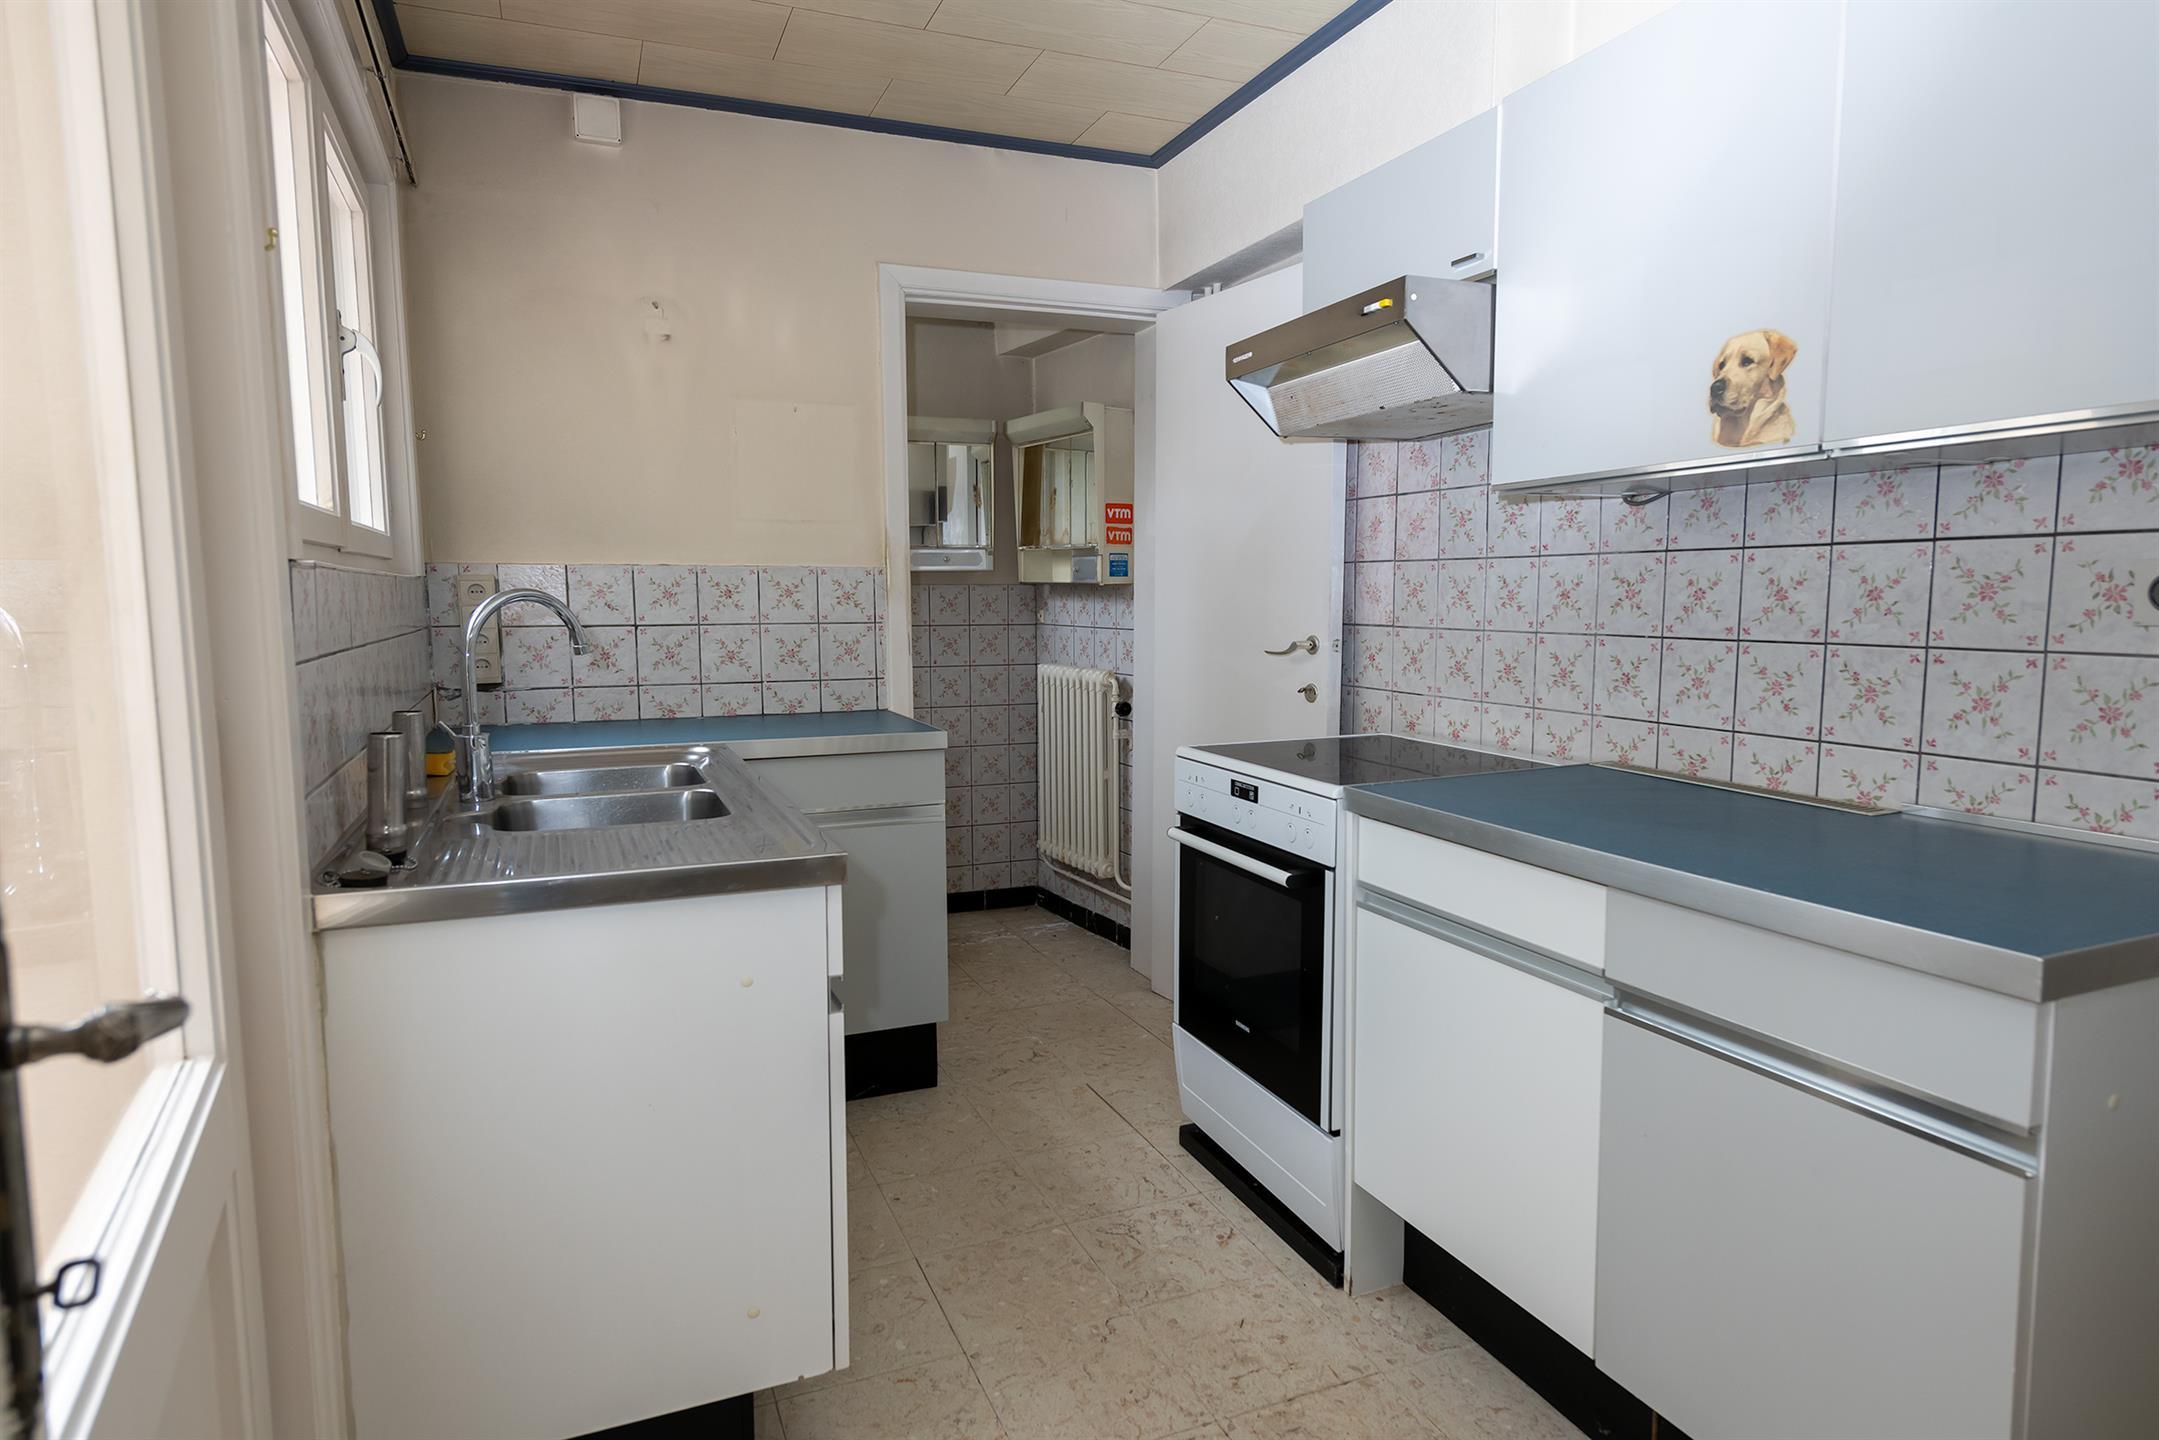 Maison - Mechelen - #4346897-6